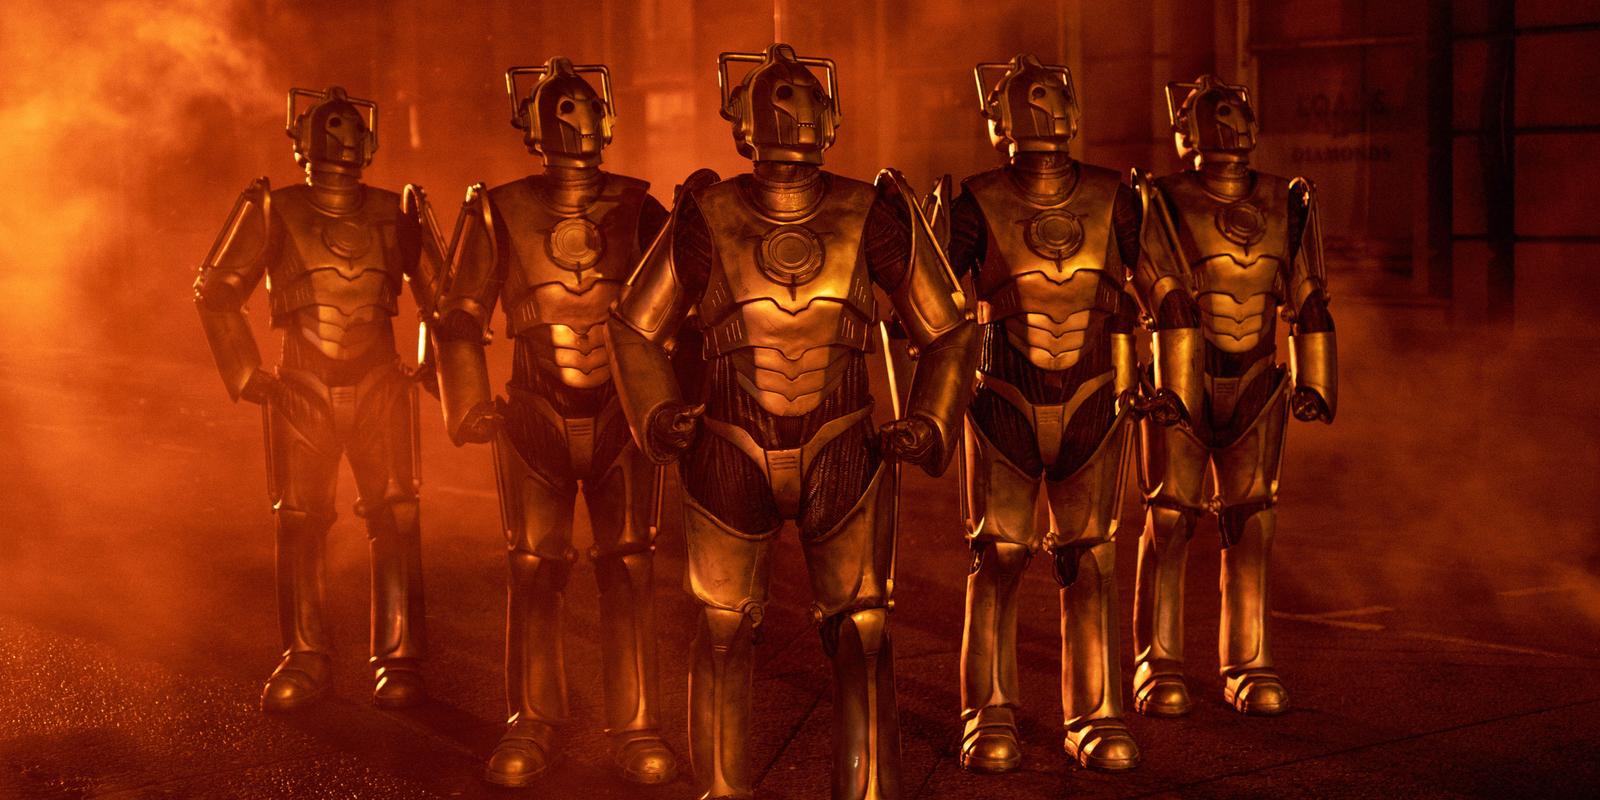 Cybermen Doctor Who Season 10 Episode 11